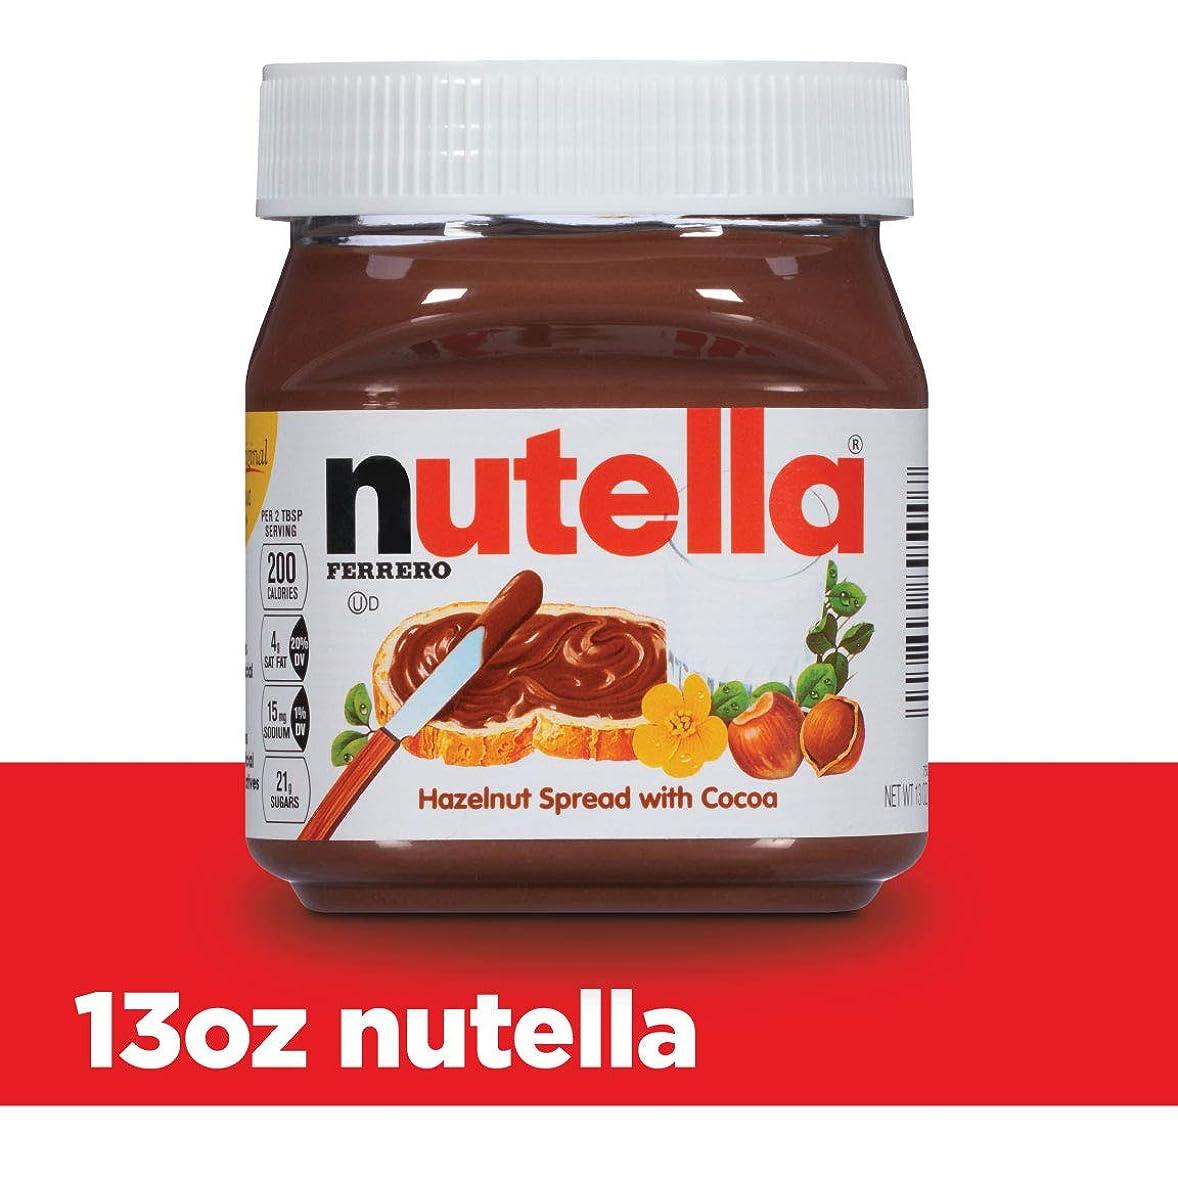 カップル鉱夫恵みNutella チョコレートヘーゼルナッツのスプレッド パンなどに、13オンス 並行輸入品 アメリカから発送